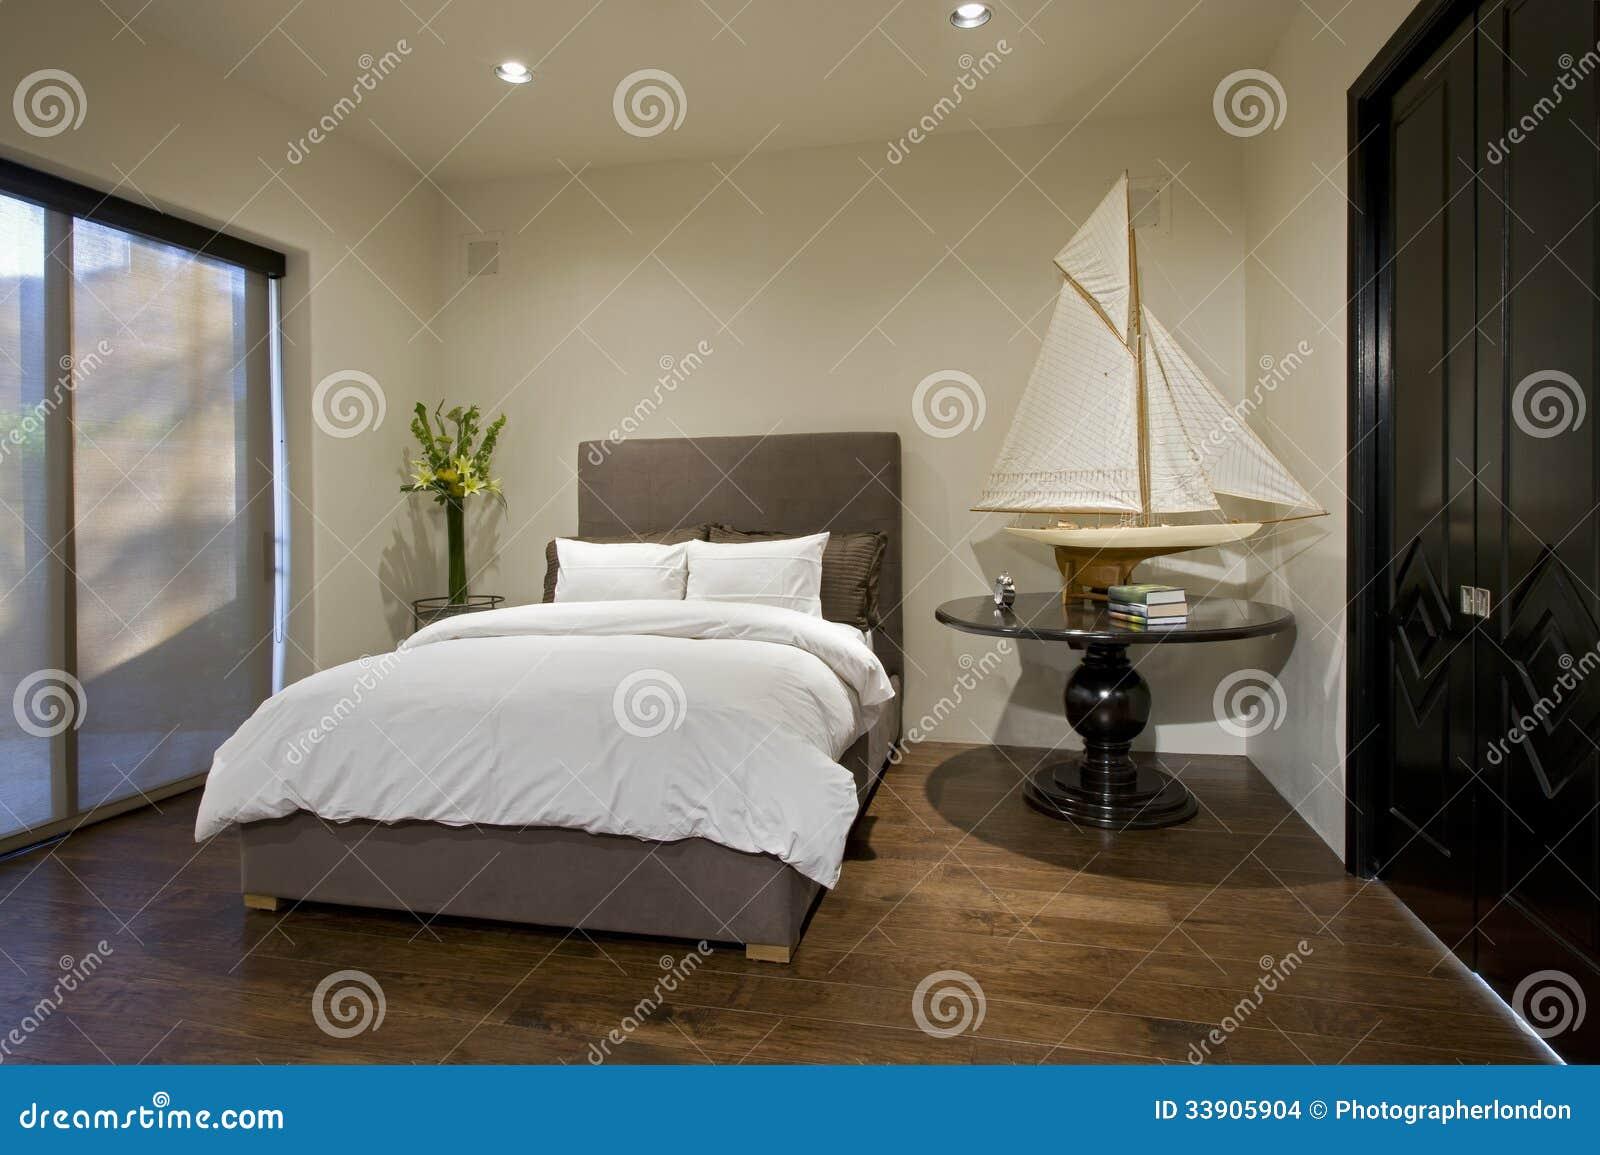 Slaapkamer met boot modelon side table stock afbeeldingen beeld 33905904 - Eigentijdse slaapkamer ...